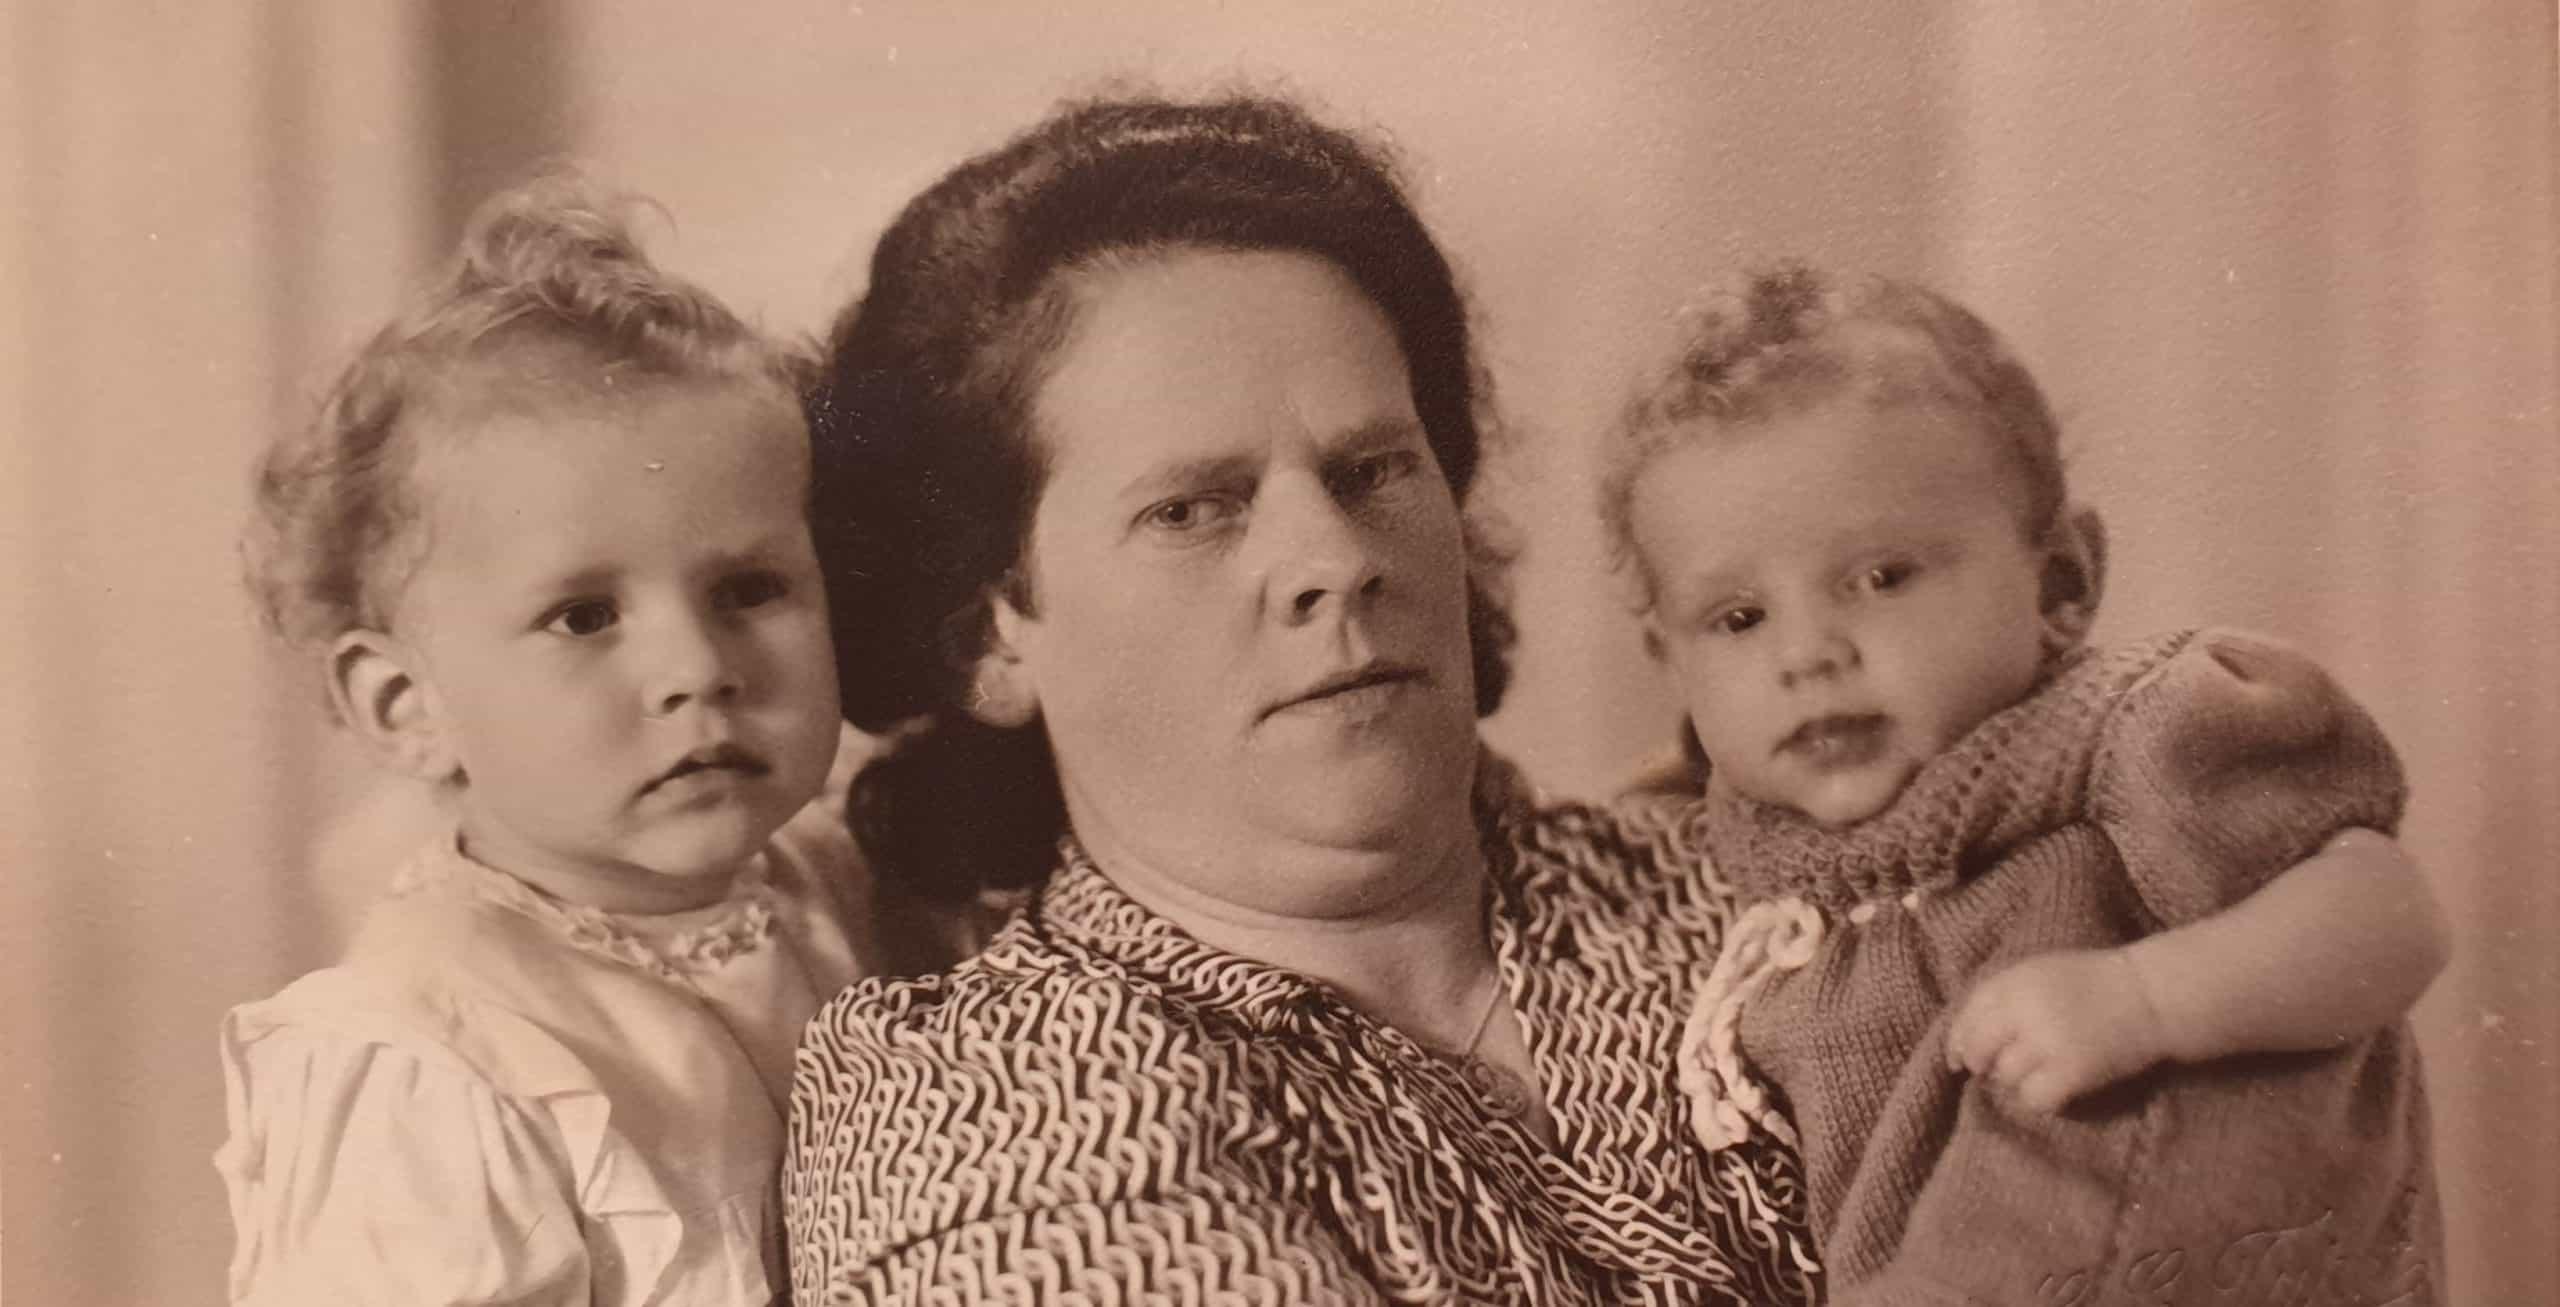 Groepsportret van mijn moeder, haar moeder en haar zusje in 1946